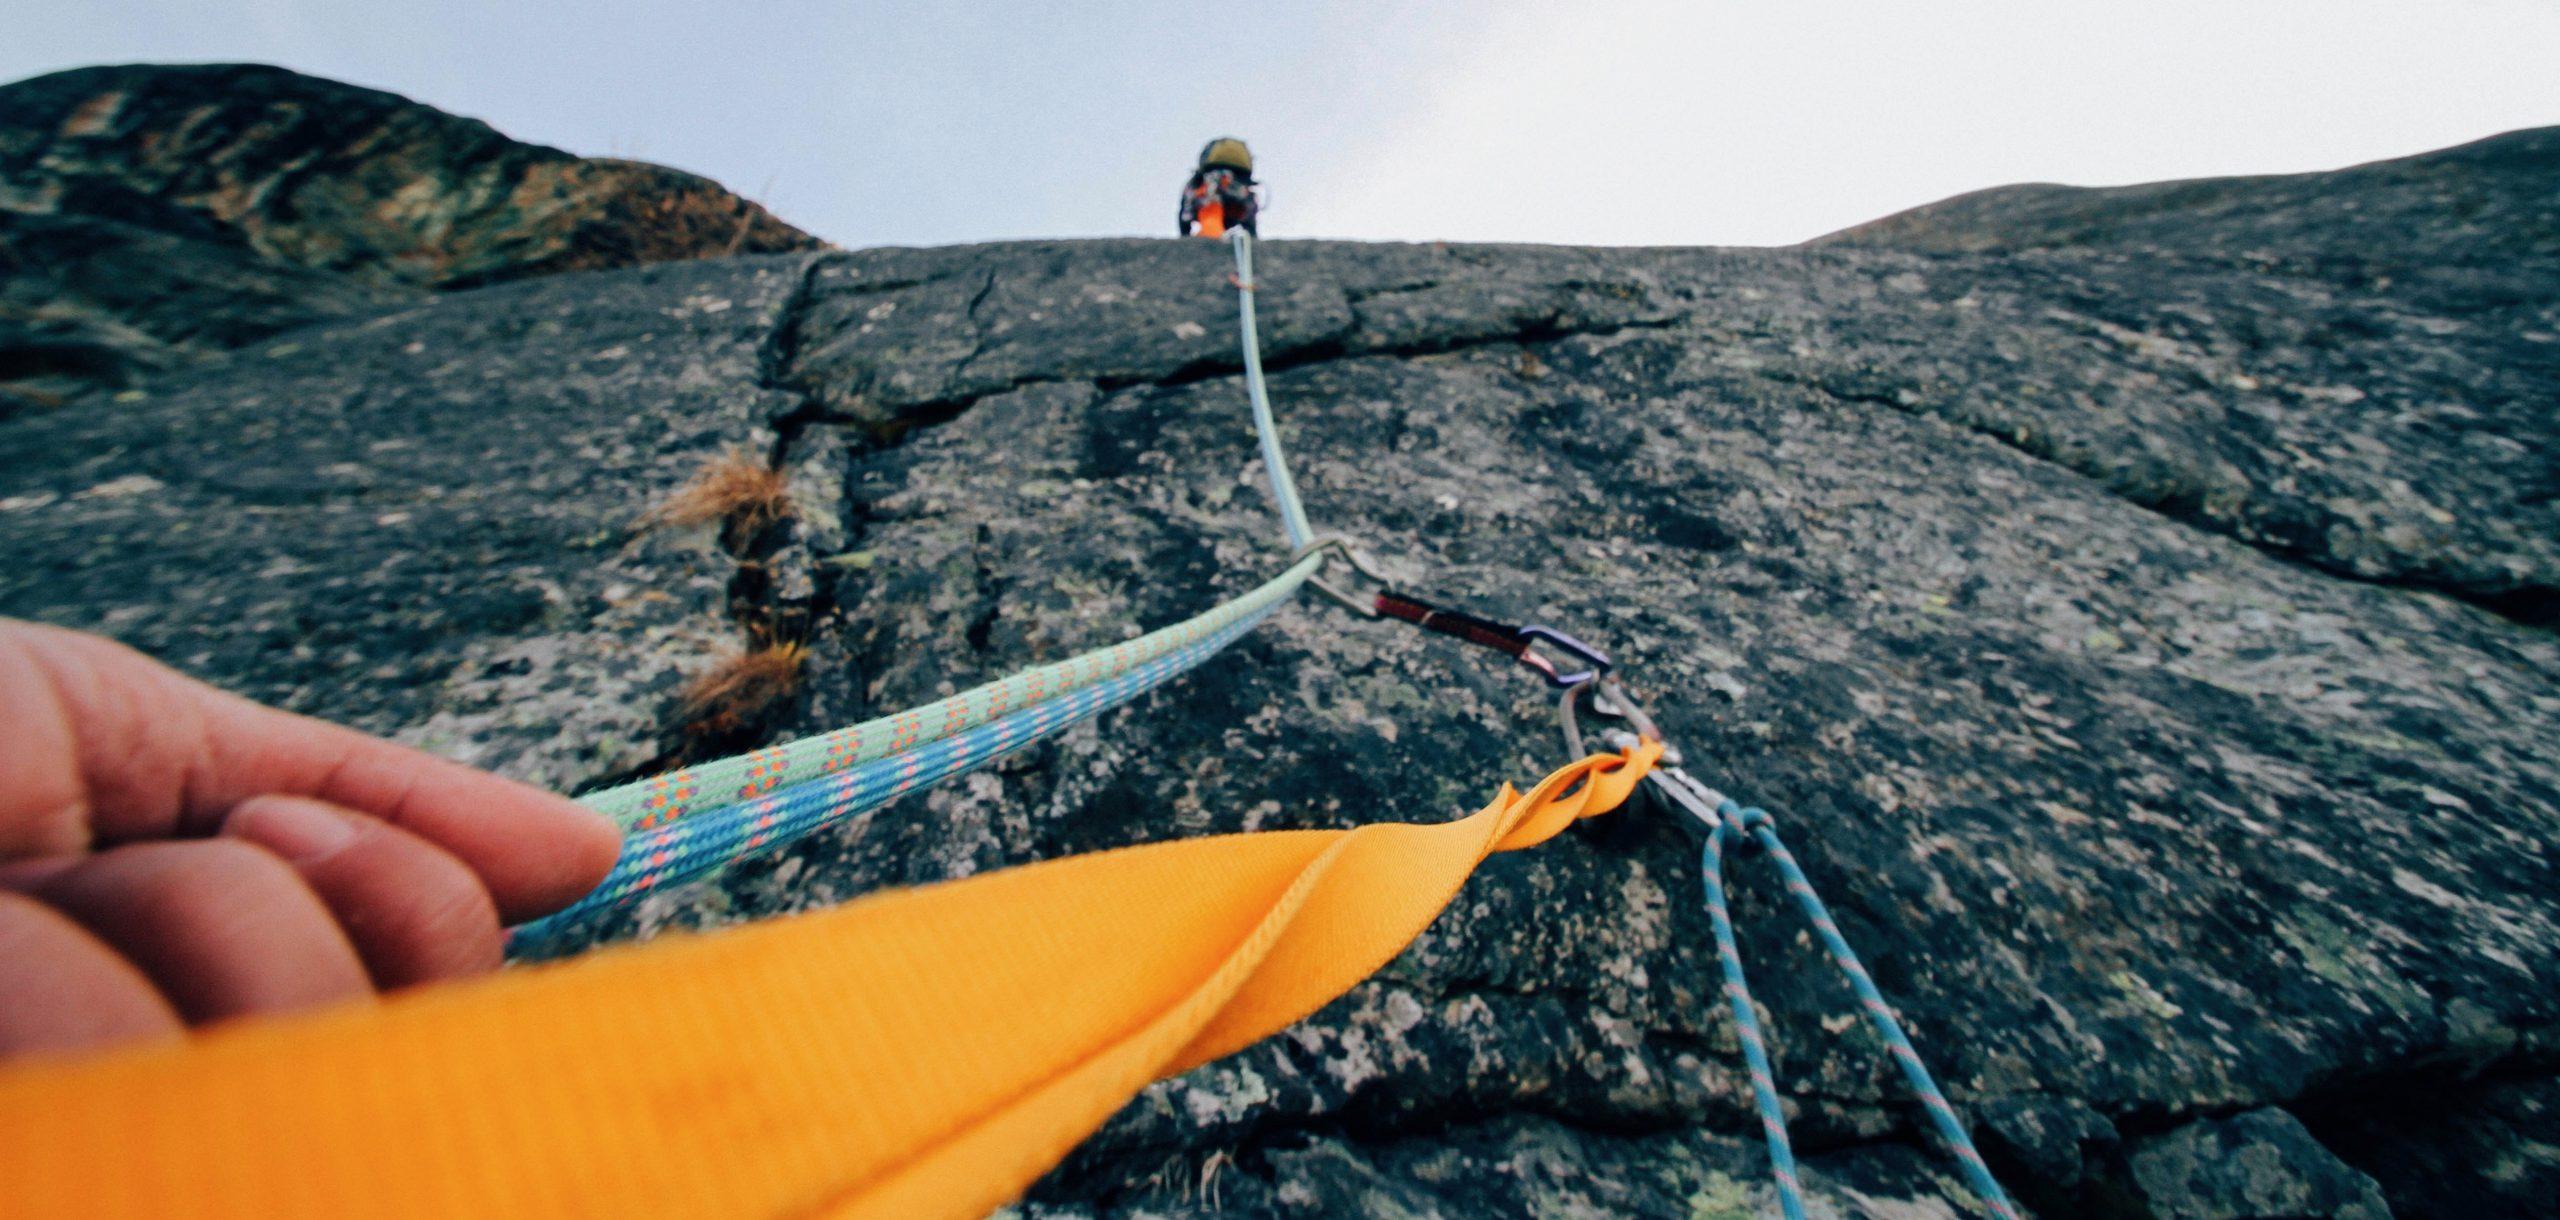 Homme assurant un grimpeur